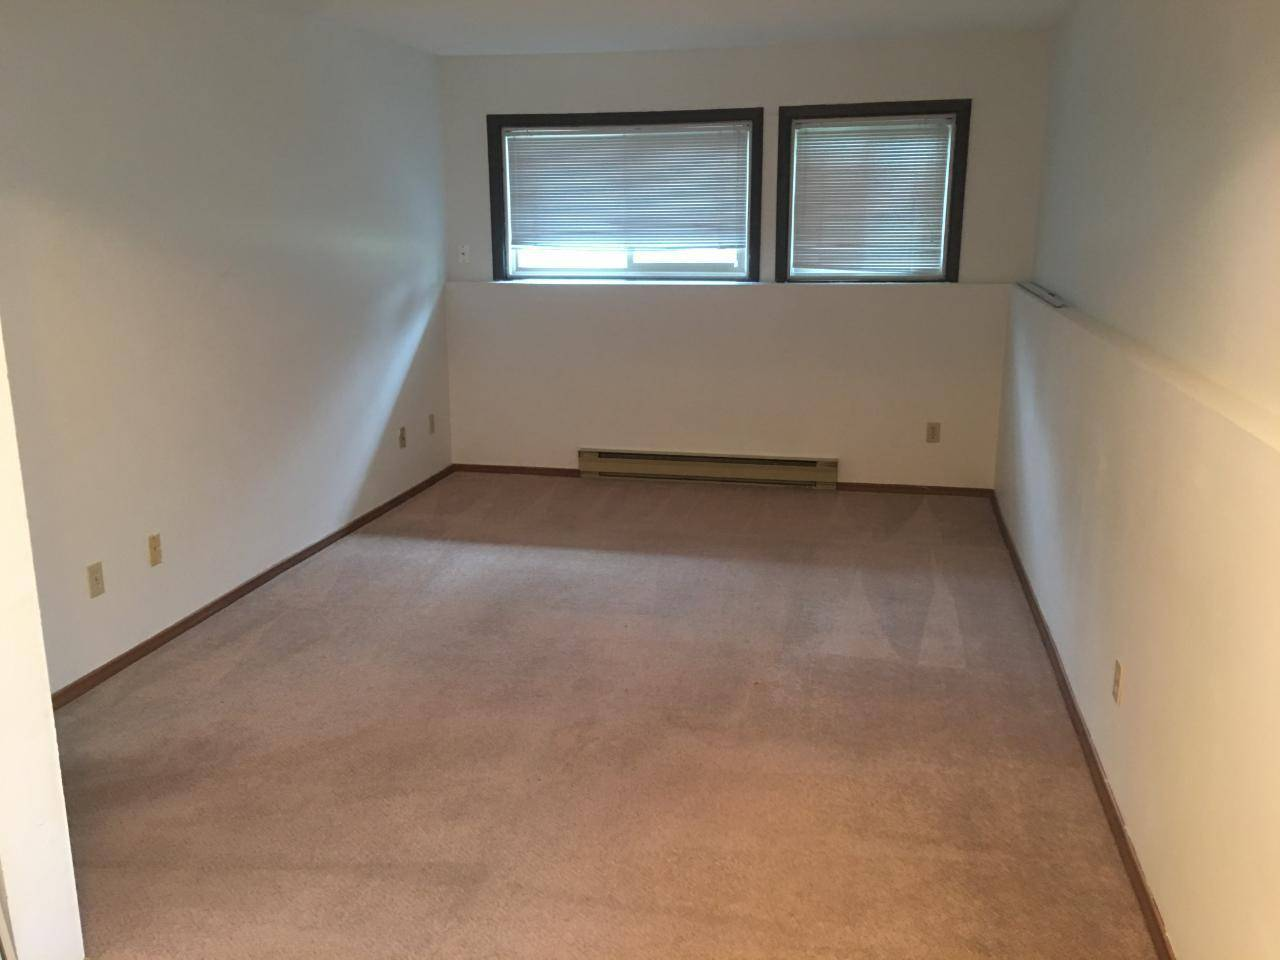 Condo for sale at 2126 68th Avenue  Unit 105 Grand Forks British Columbia - MLS: 2451517